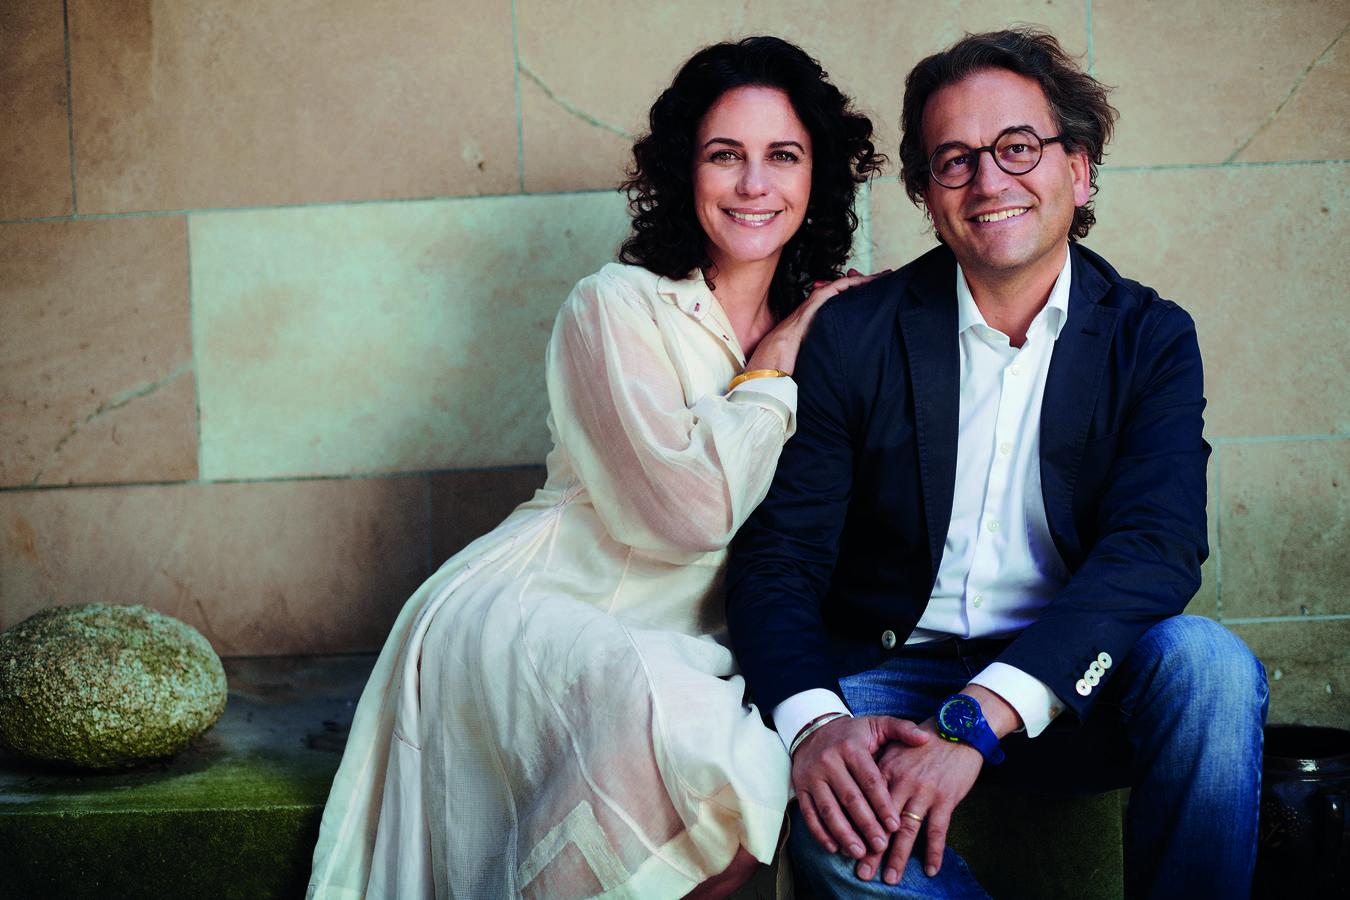 Camilla und Michael Fischbacher führen die Firma in sechster Generation. (© pd)